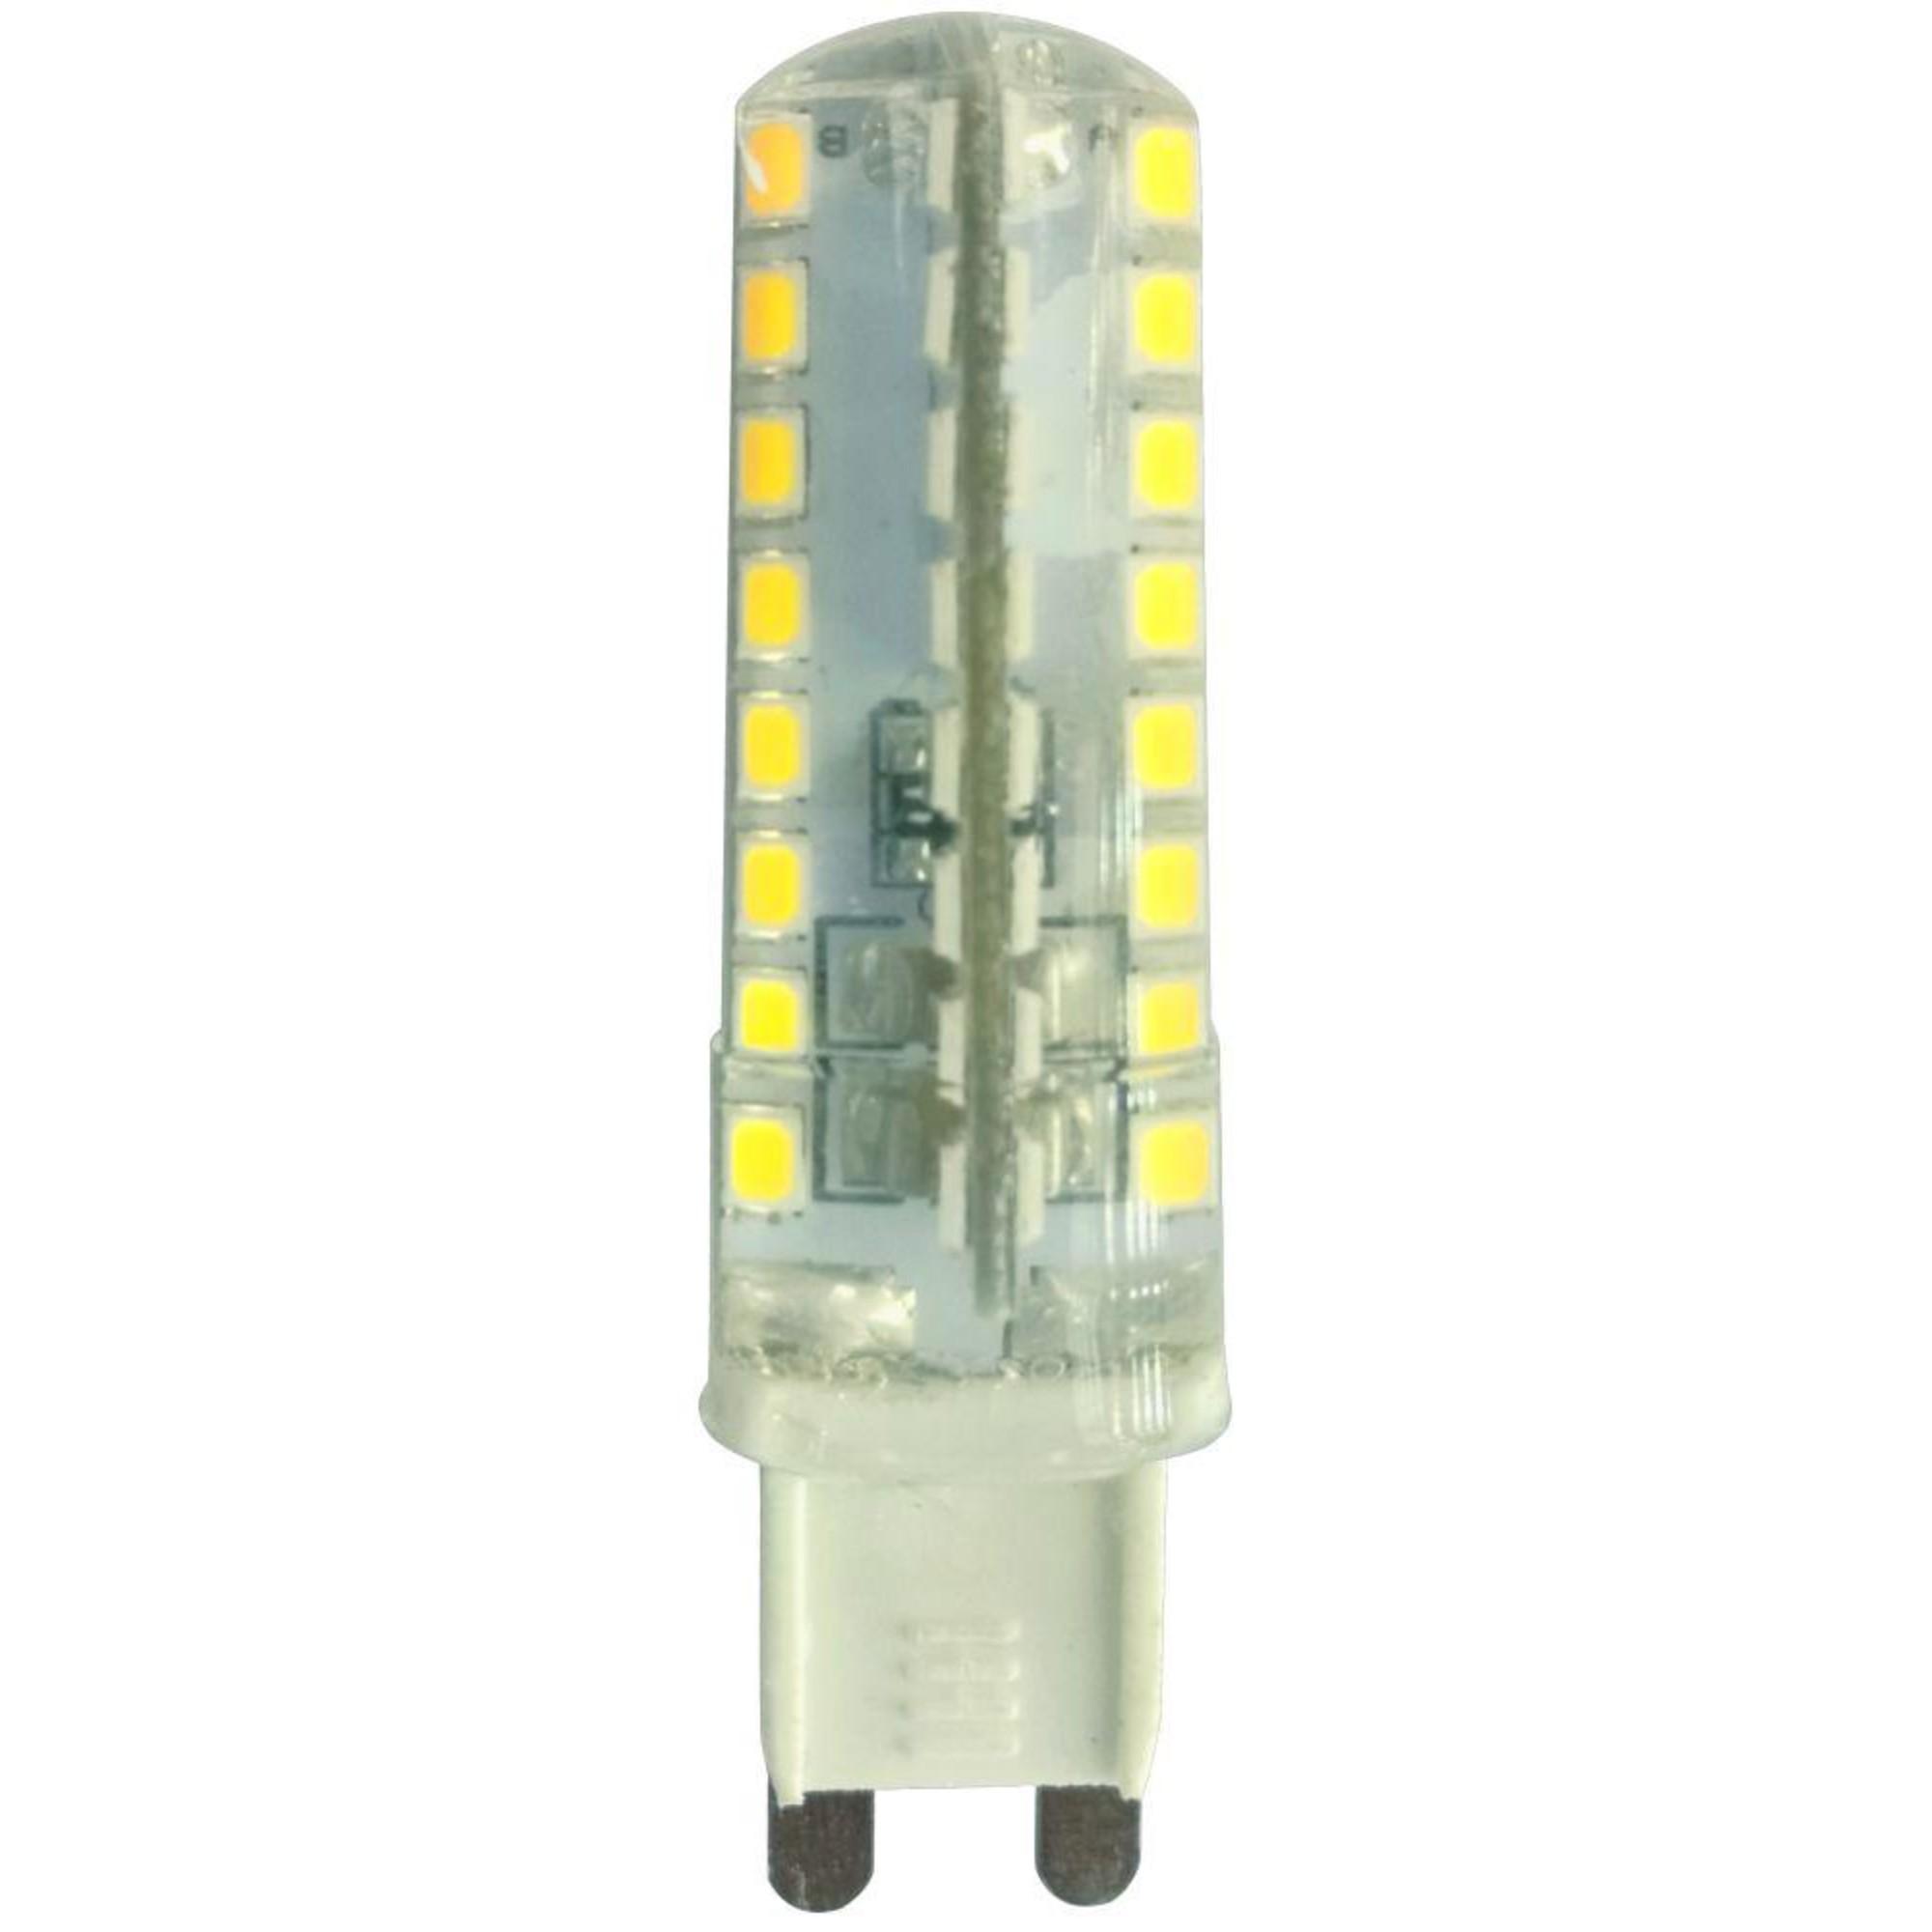 Лампа Ecola стандарт светодионая G9 5 Вт капсула 400 Лм нейтральный свет